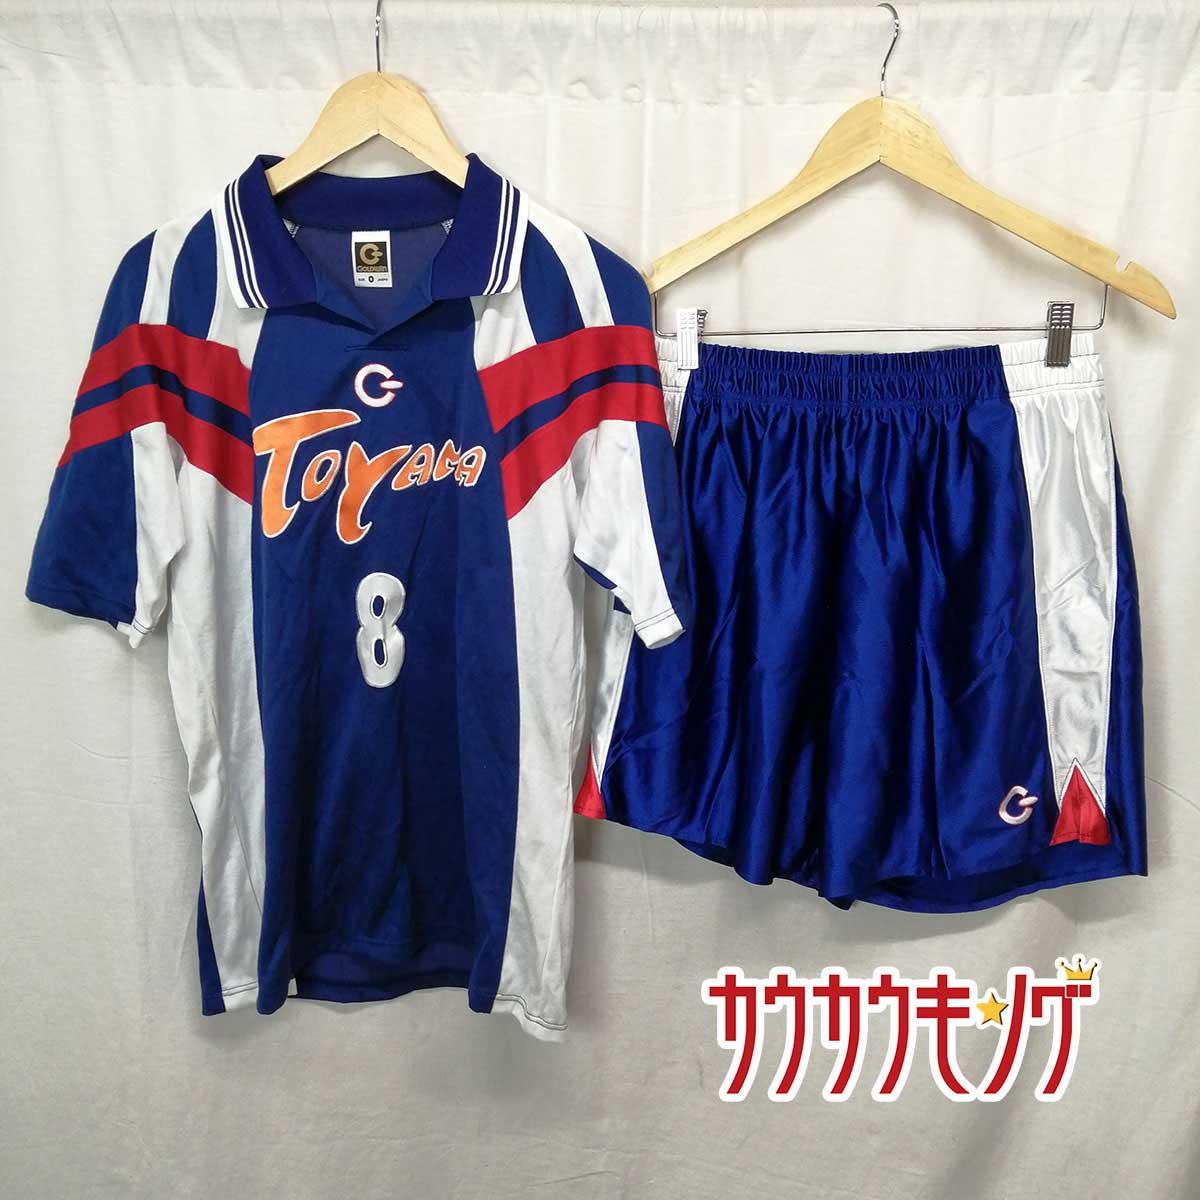 【中古】GOLDWIN製 バレーボール 富山 代表 ユニフォーム /パンツ 上下 #8 サイズO/XO 実用品 支給品